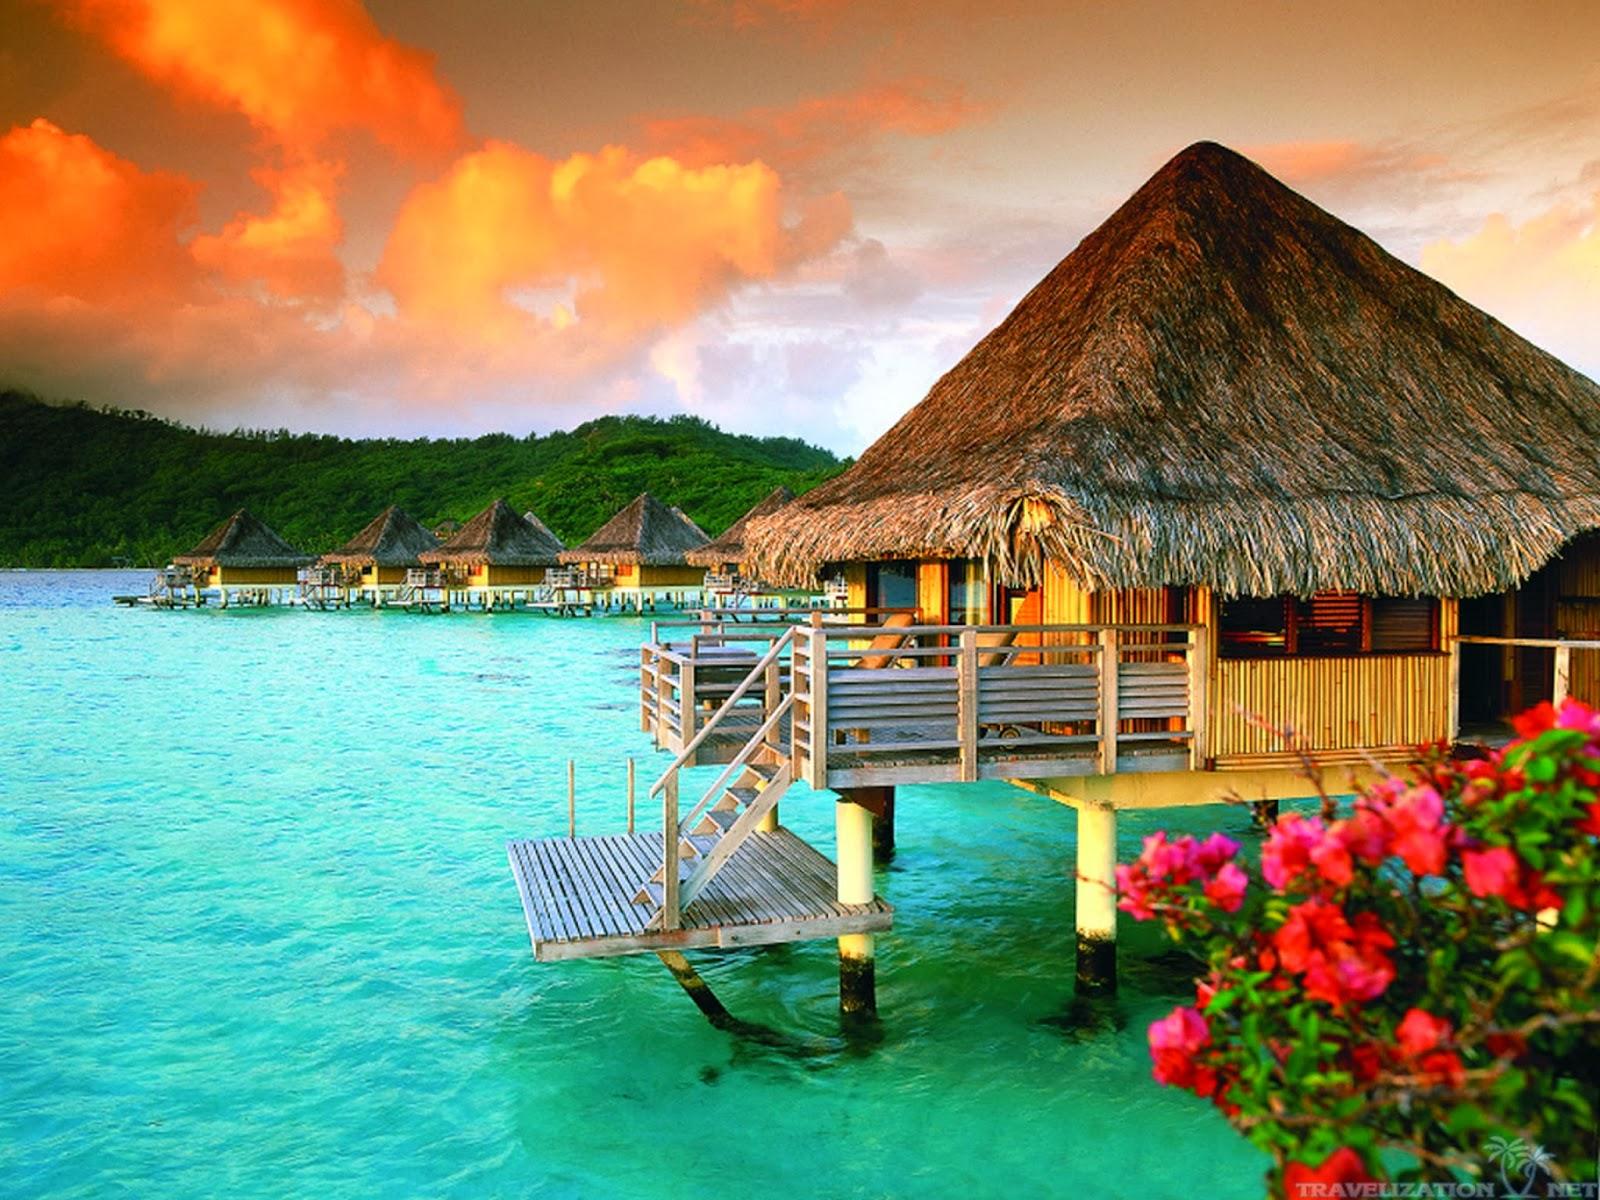 Bora Bora Screensavers Wallpapers - WallpaperSafari